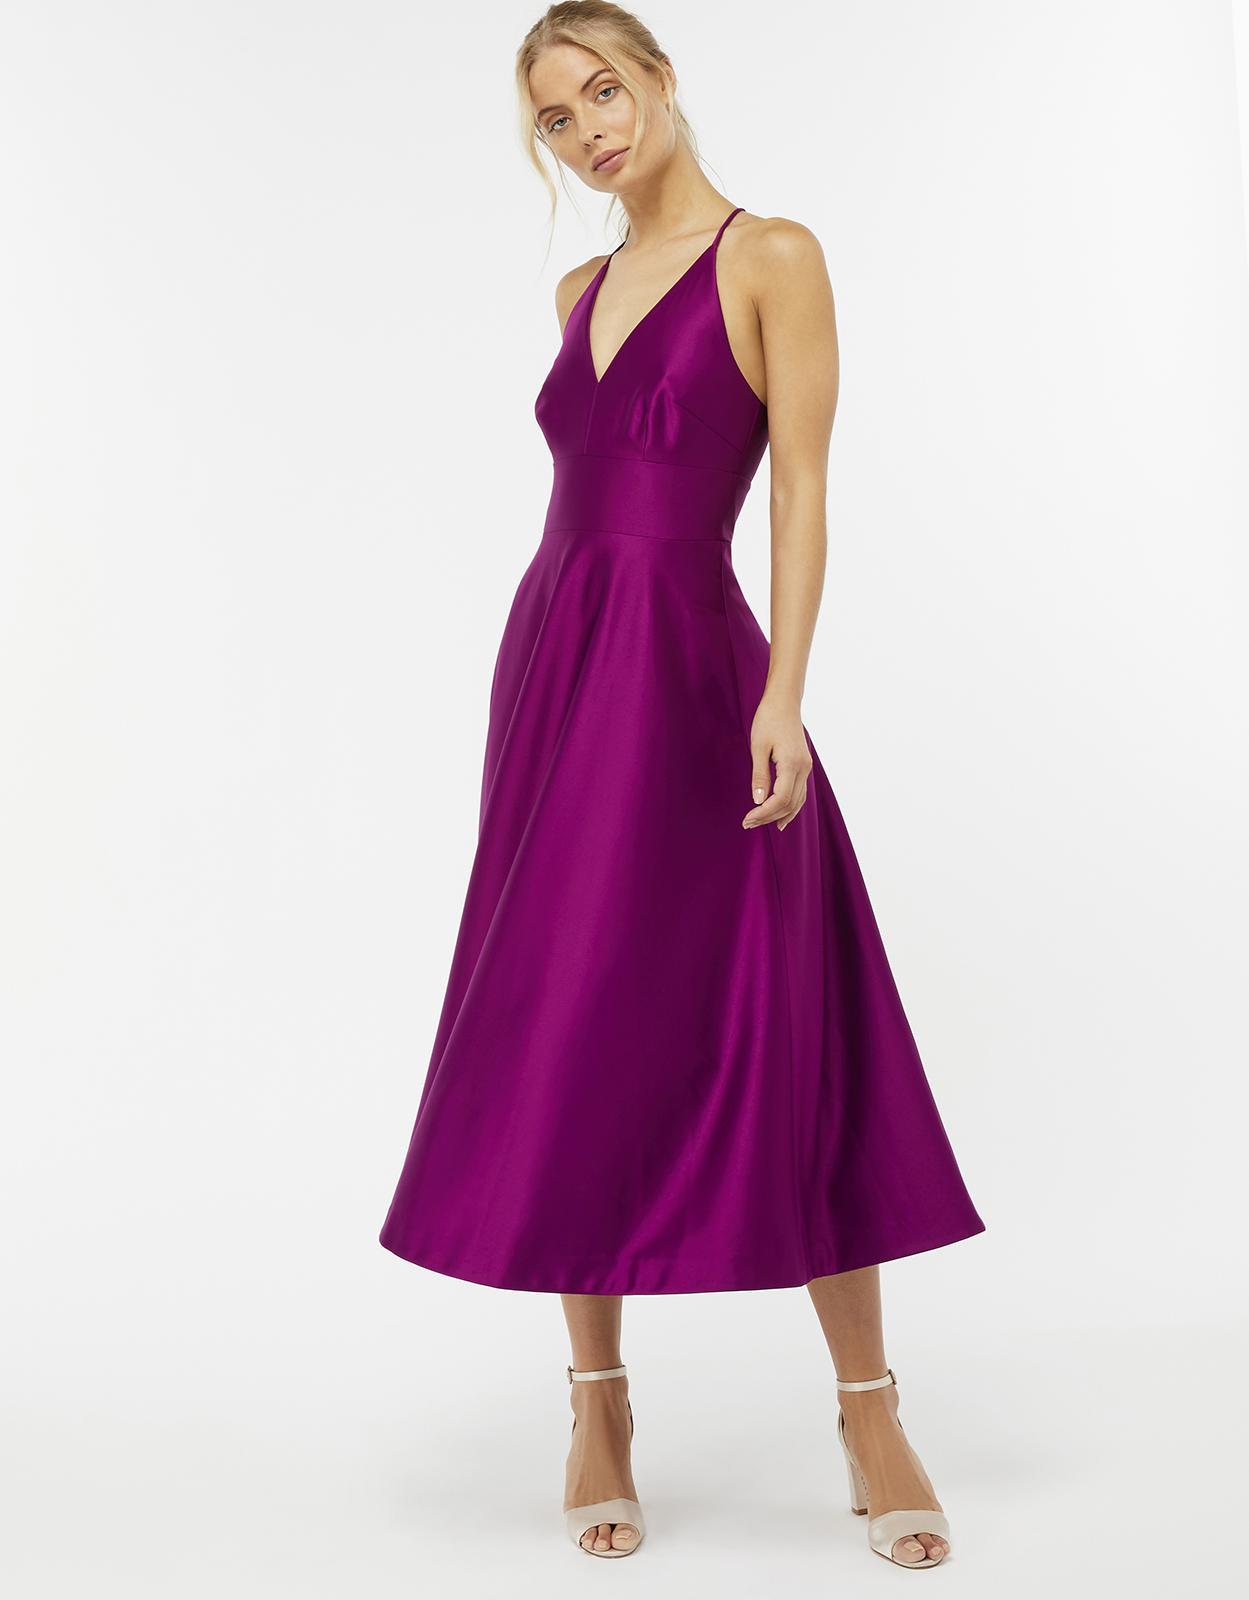 Monsoon Stevie Fit & Flare Dress in Purple - Lyst